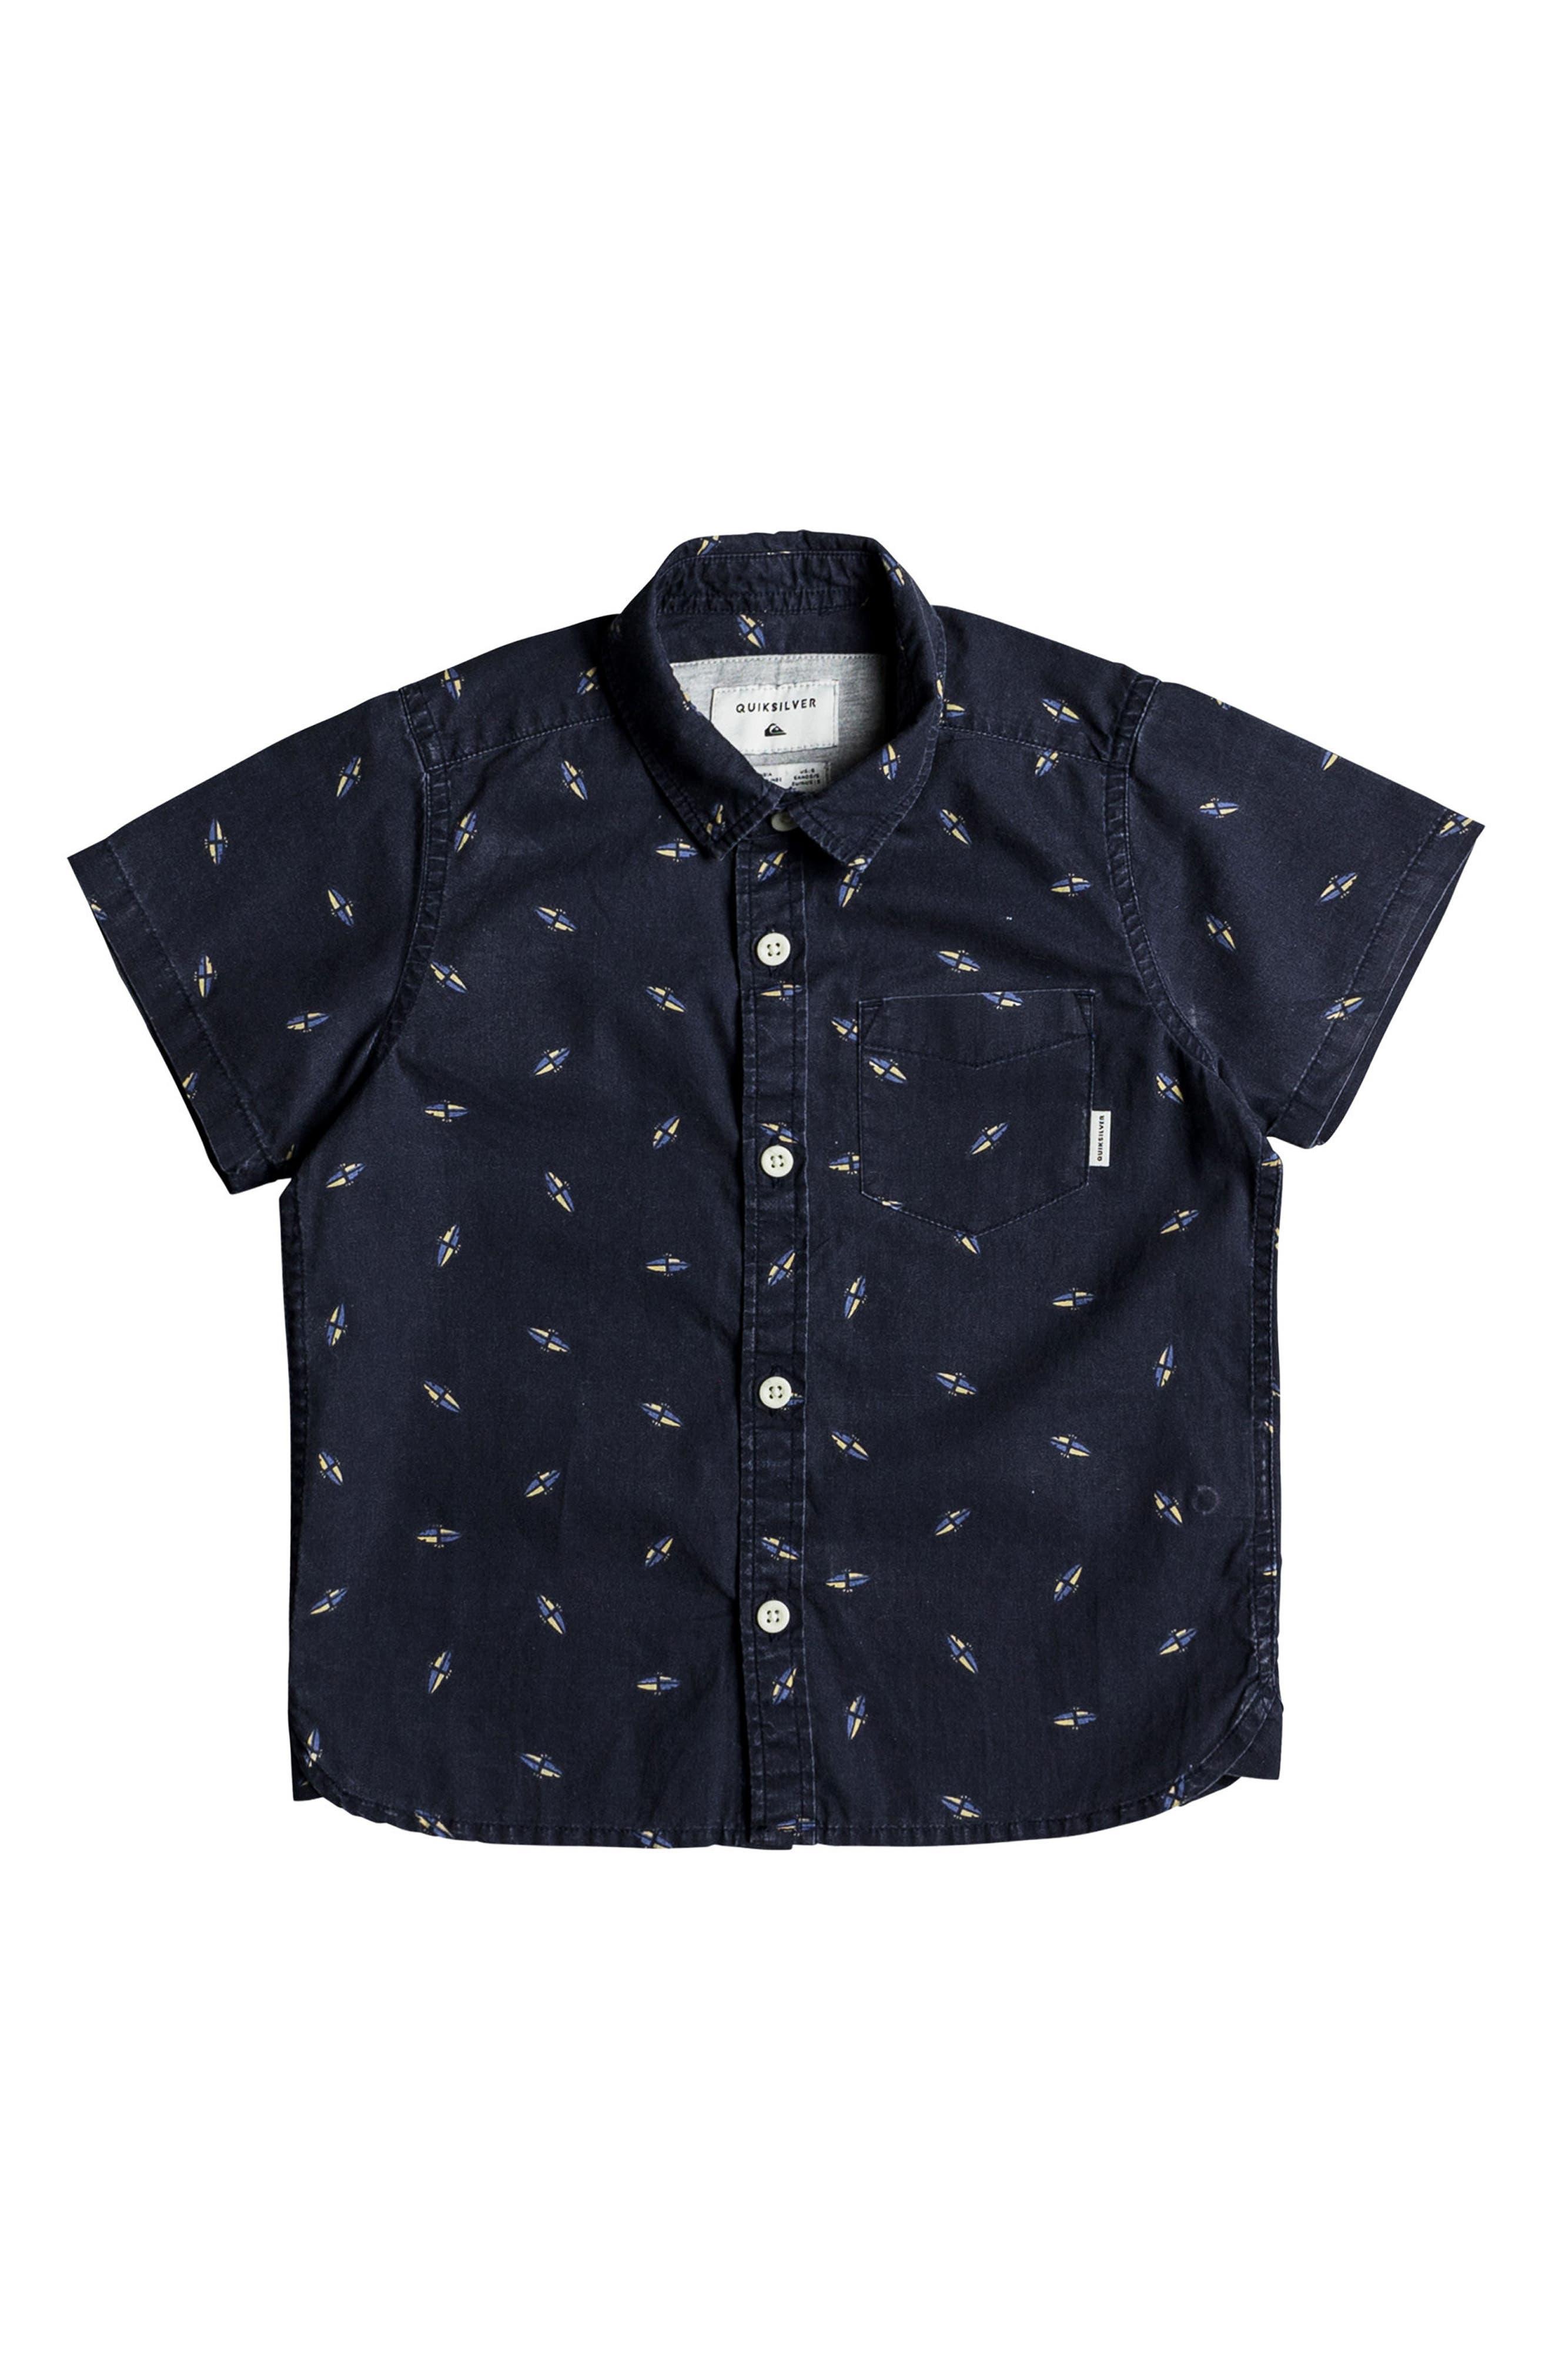 Boredsnap Woven Shirt,                         Main,                         color, Navy Boredsnap